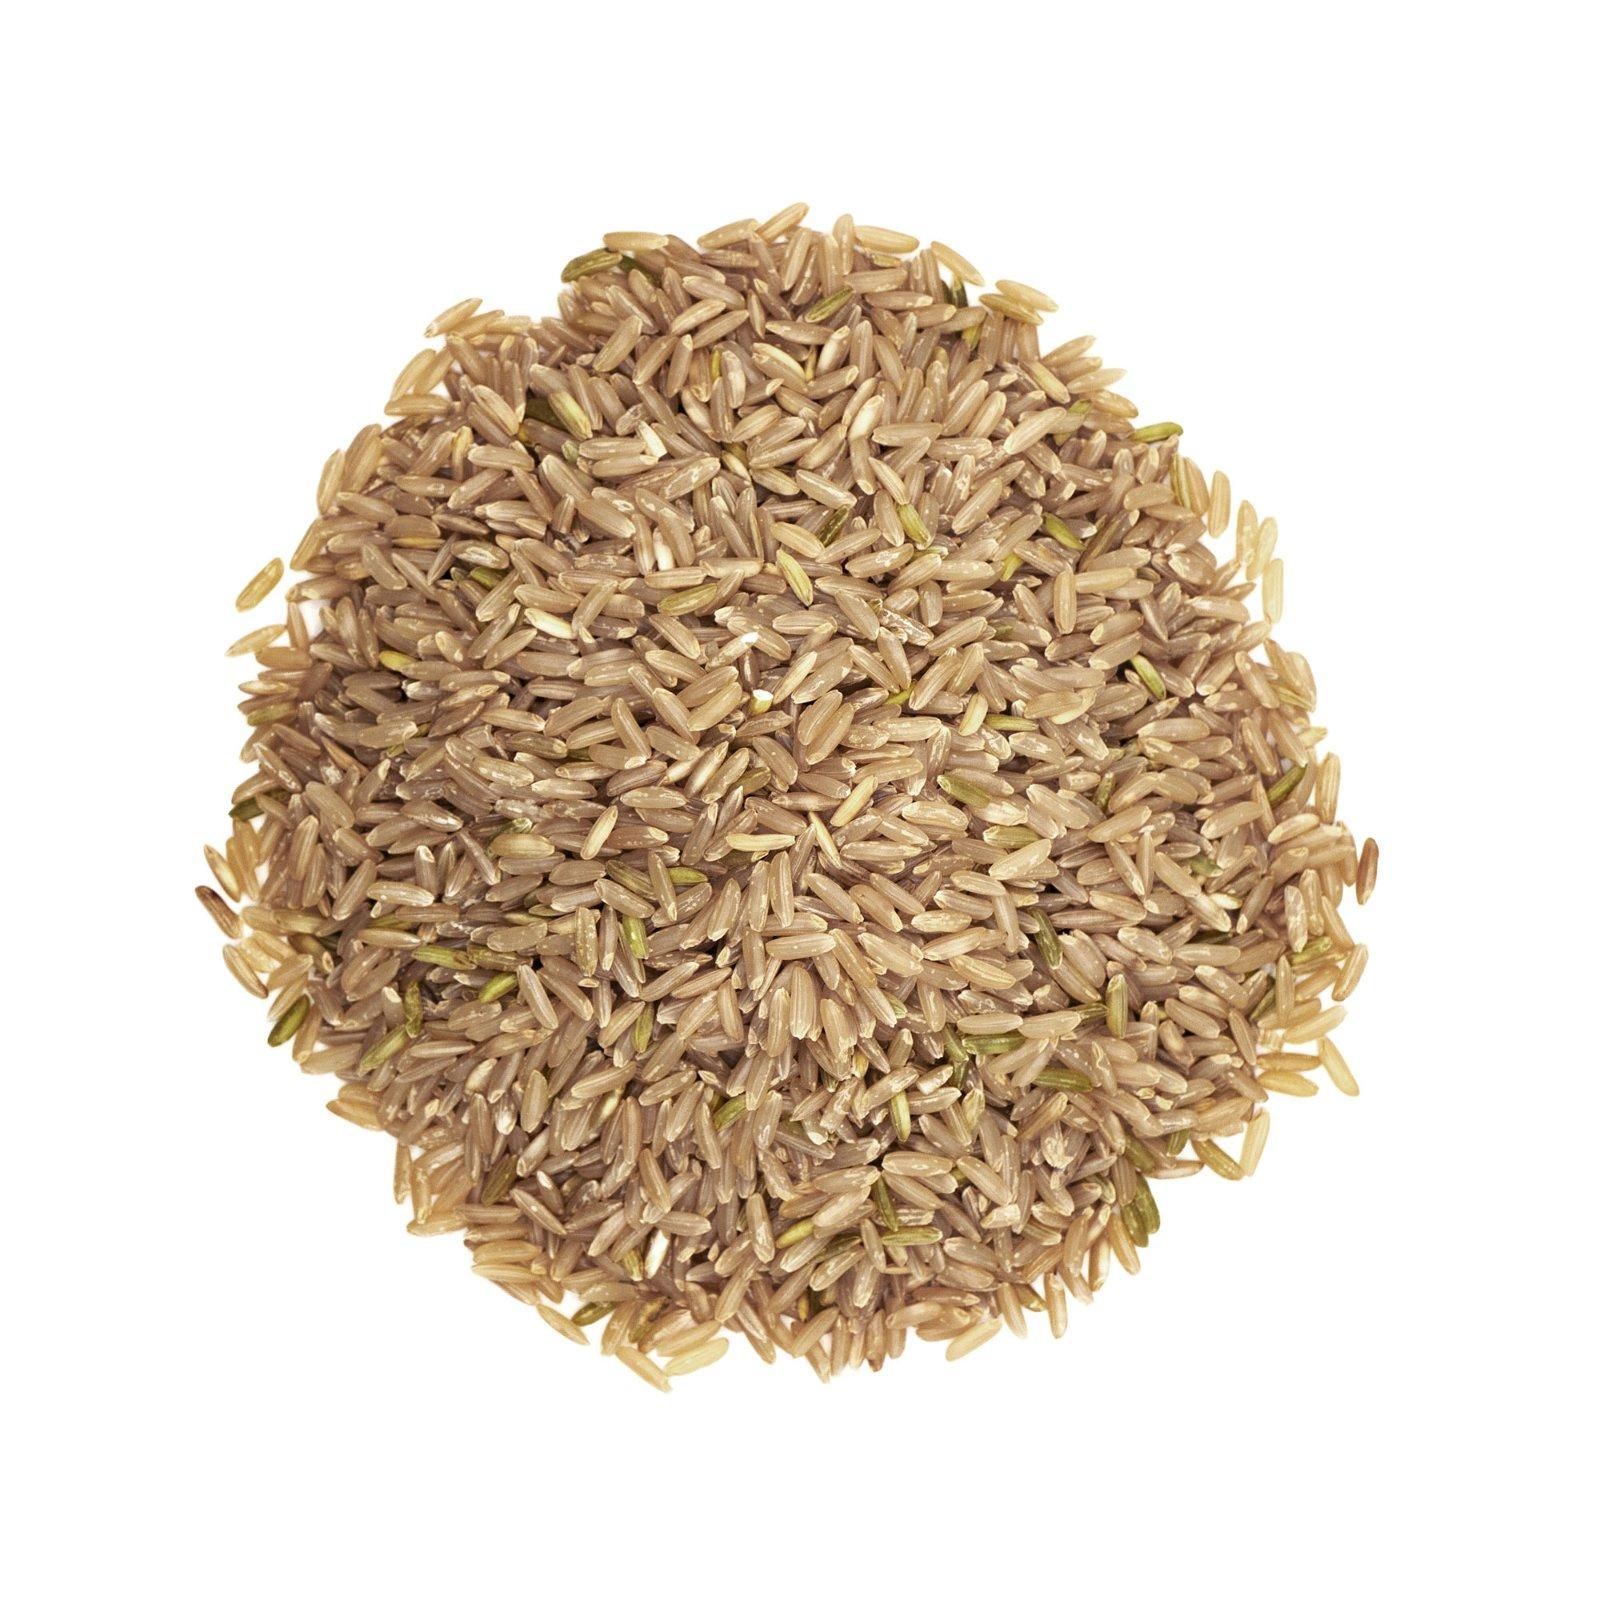 img-la-fourche-1kg-de-riz-long-complet-de-camargue-en-vrac-bio